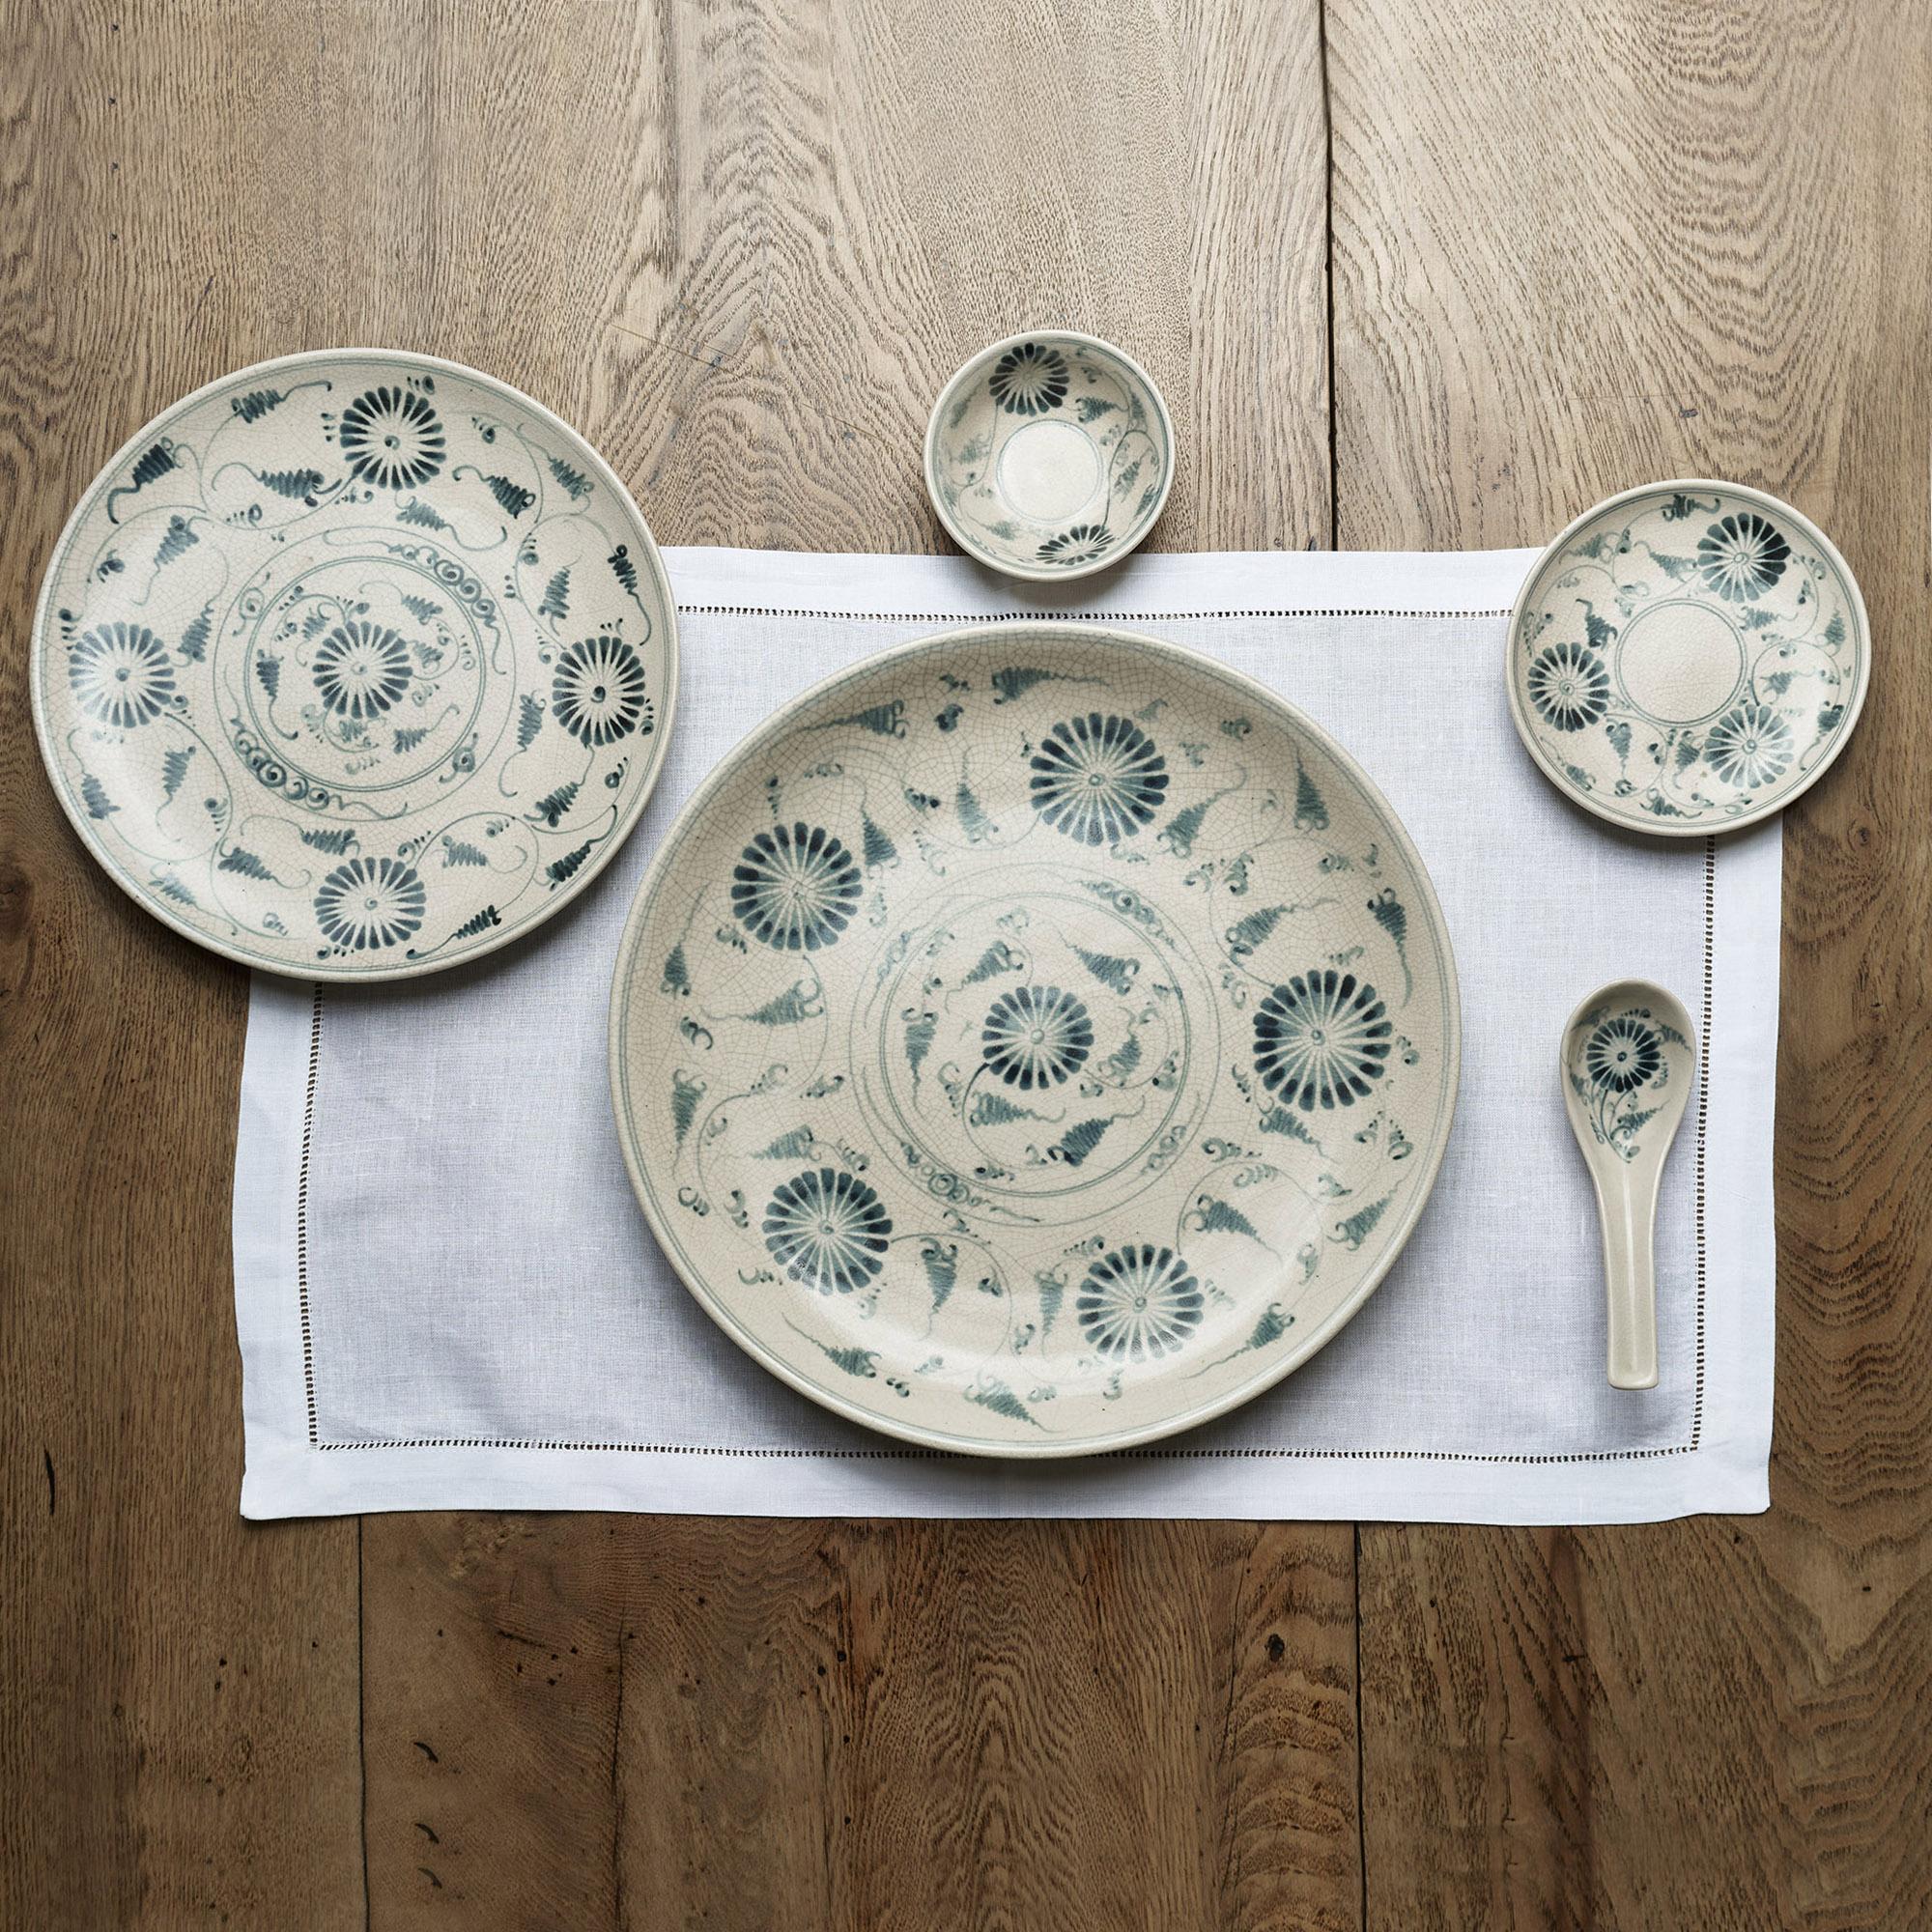 Juego de platos para 6 de cerámica con flores azul petróleo.